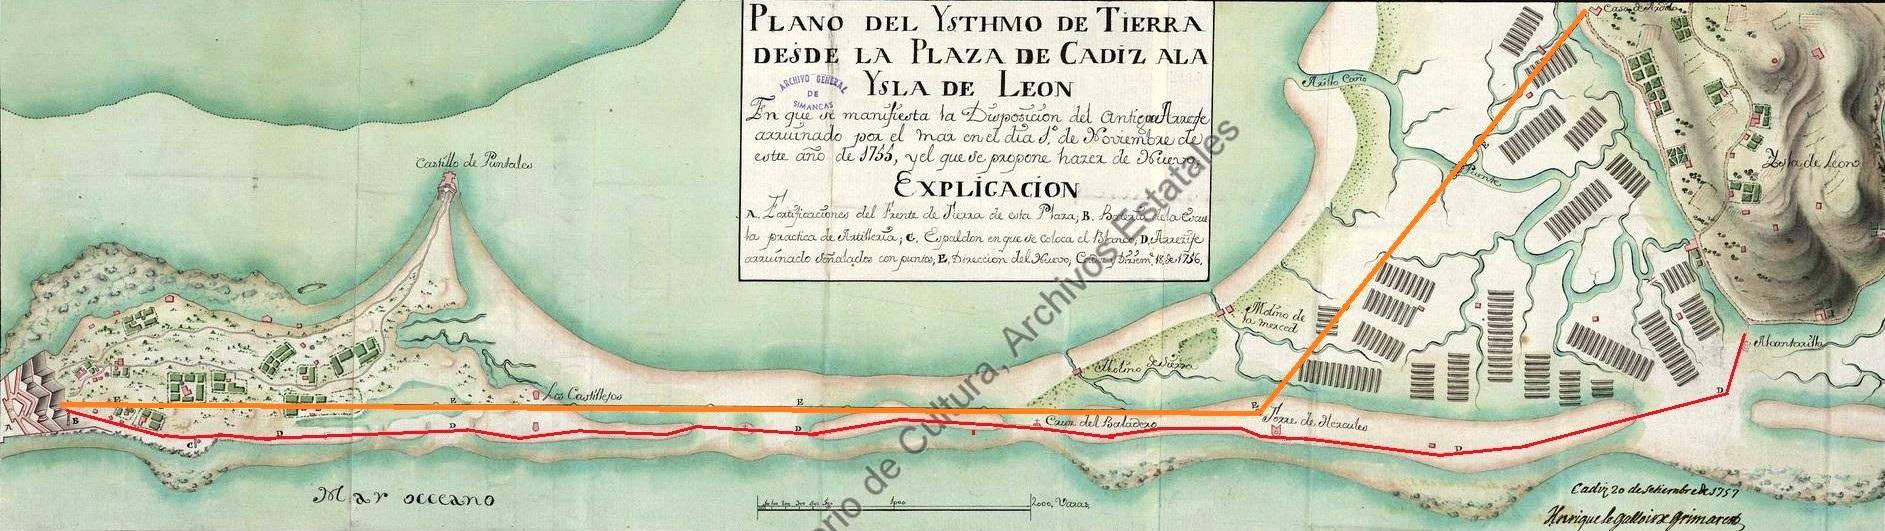 El arrecife que destrozó el tsunami (rojo) en un plano levantado por el ingeniero Enrique Legallois y el trazado (amarillo) de uno nuevo que no se materializó entonces. Archivo General de Simancas.